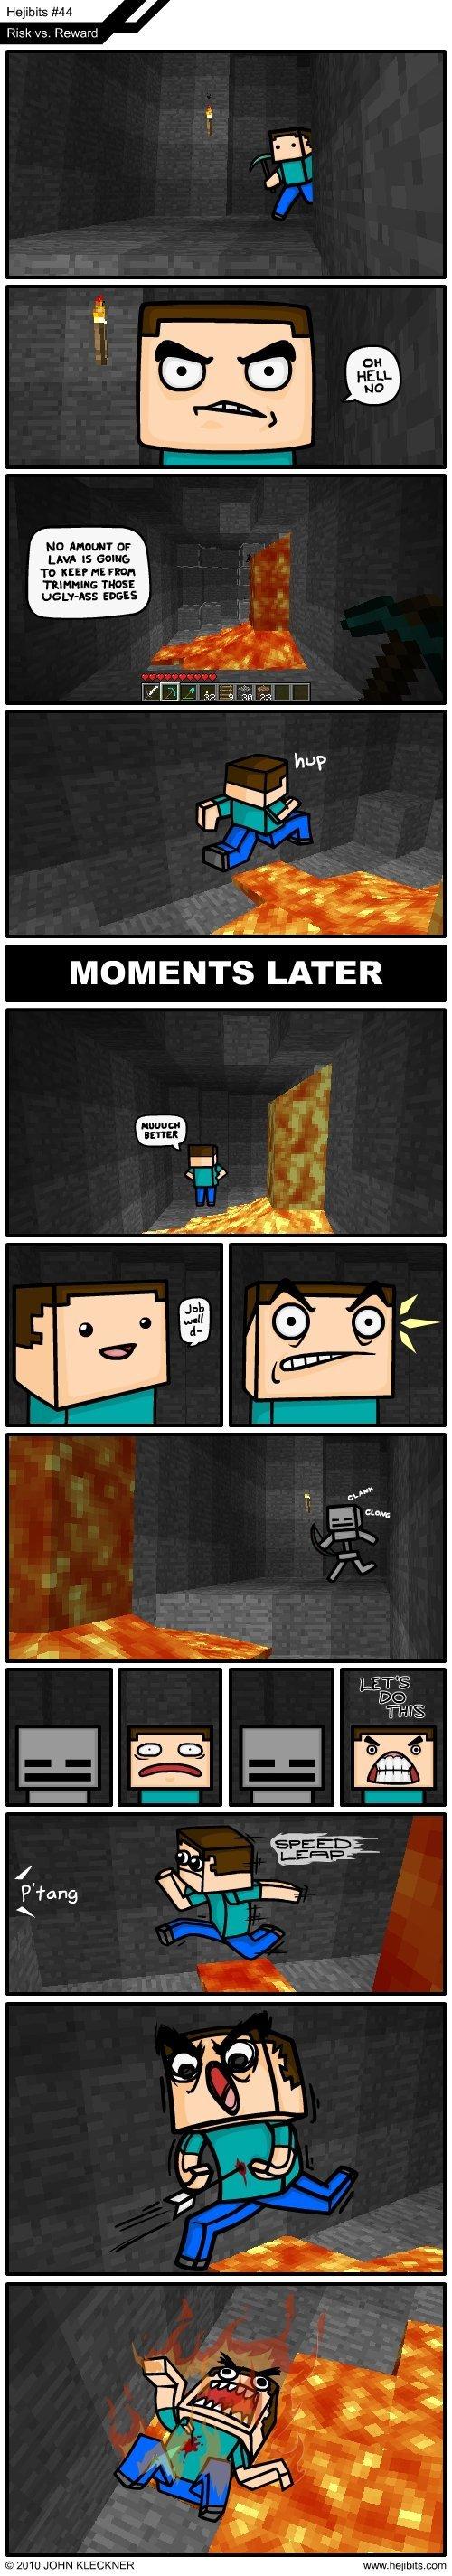 Minecraft. . Hejibits #44 str, Husk 'AIT. Renata rd Mu Dr LEE! TI GENE M 201 l JOHN g%. Minecrafters, I... Minecraft Hejibits #44 str Husk 'AIT Renata rd Mu Dr LEE! TI GENE M 201 l JOHN g% Minecrafters I